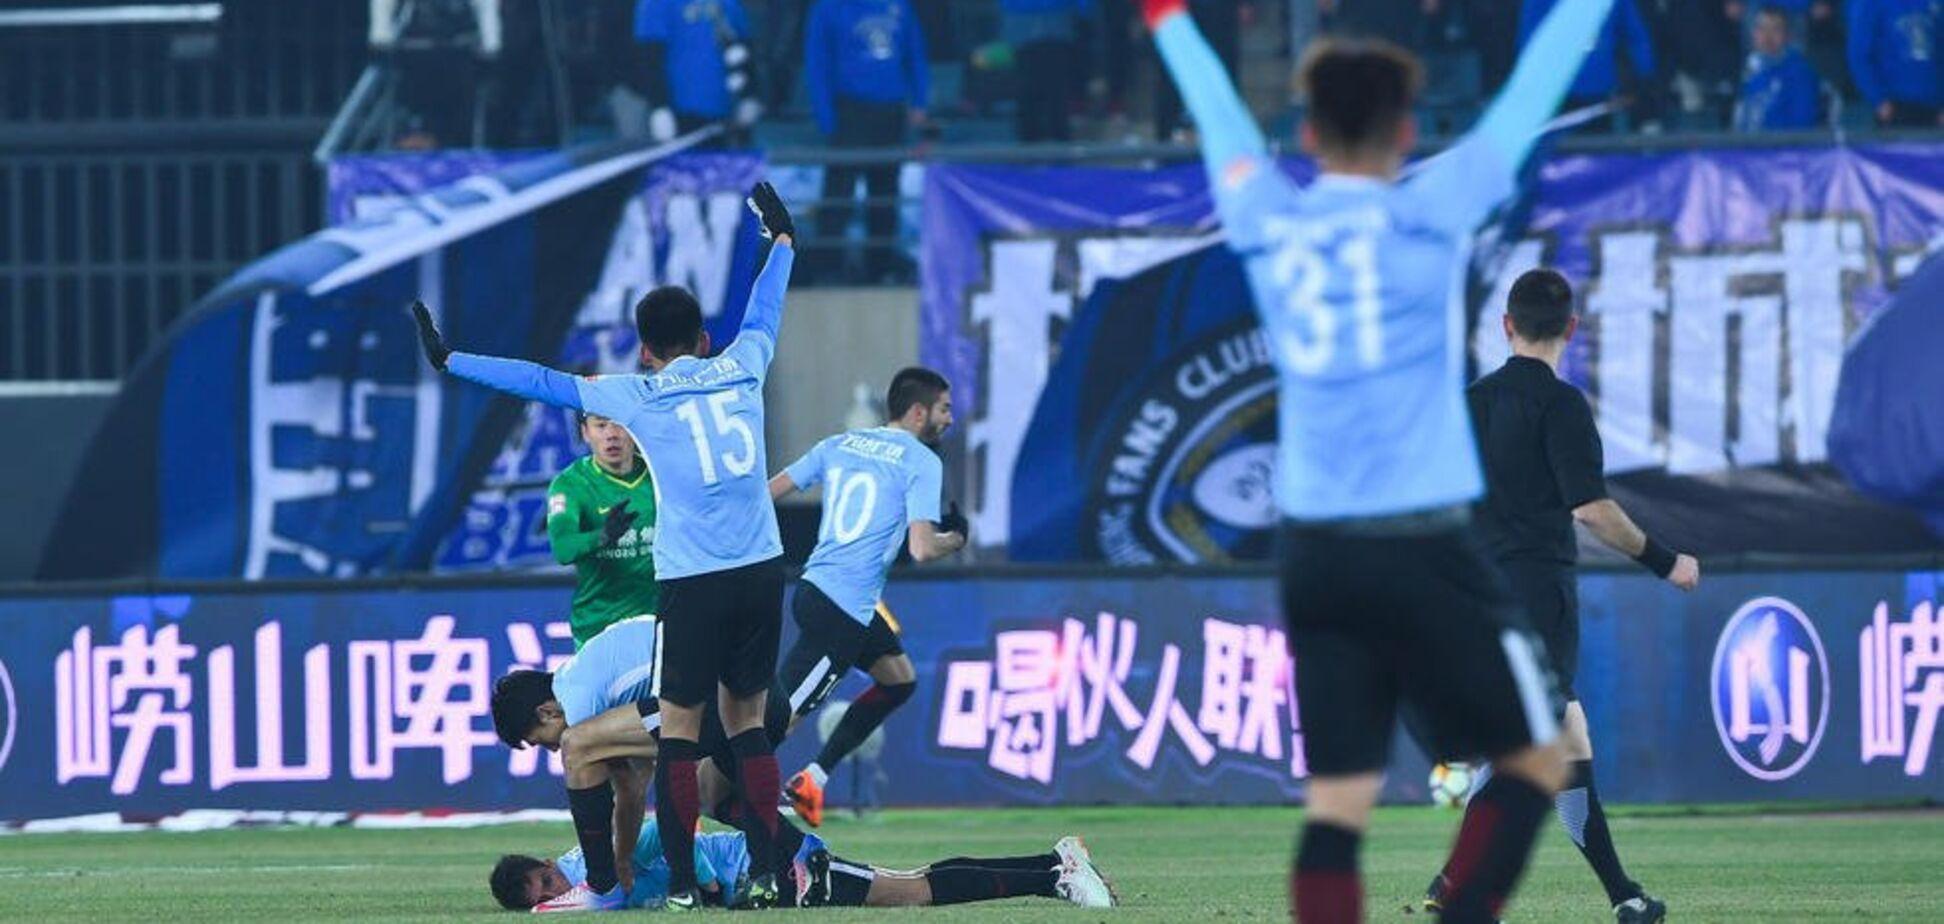 Герой дня: футболіст збірної Бельгії врятував життя знаменитому аргентинському гравцеві під час матчу - з'явилося відео